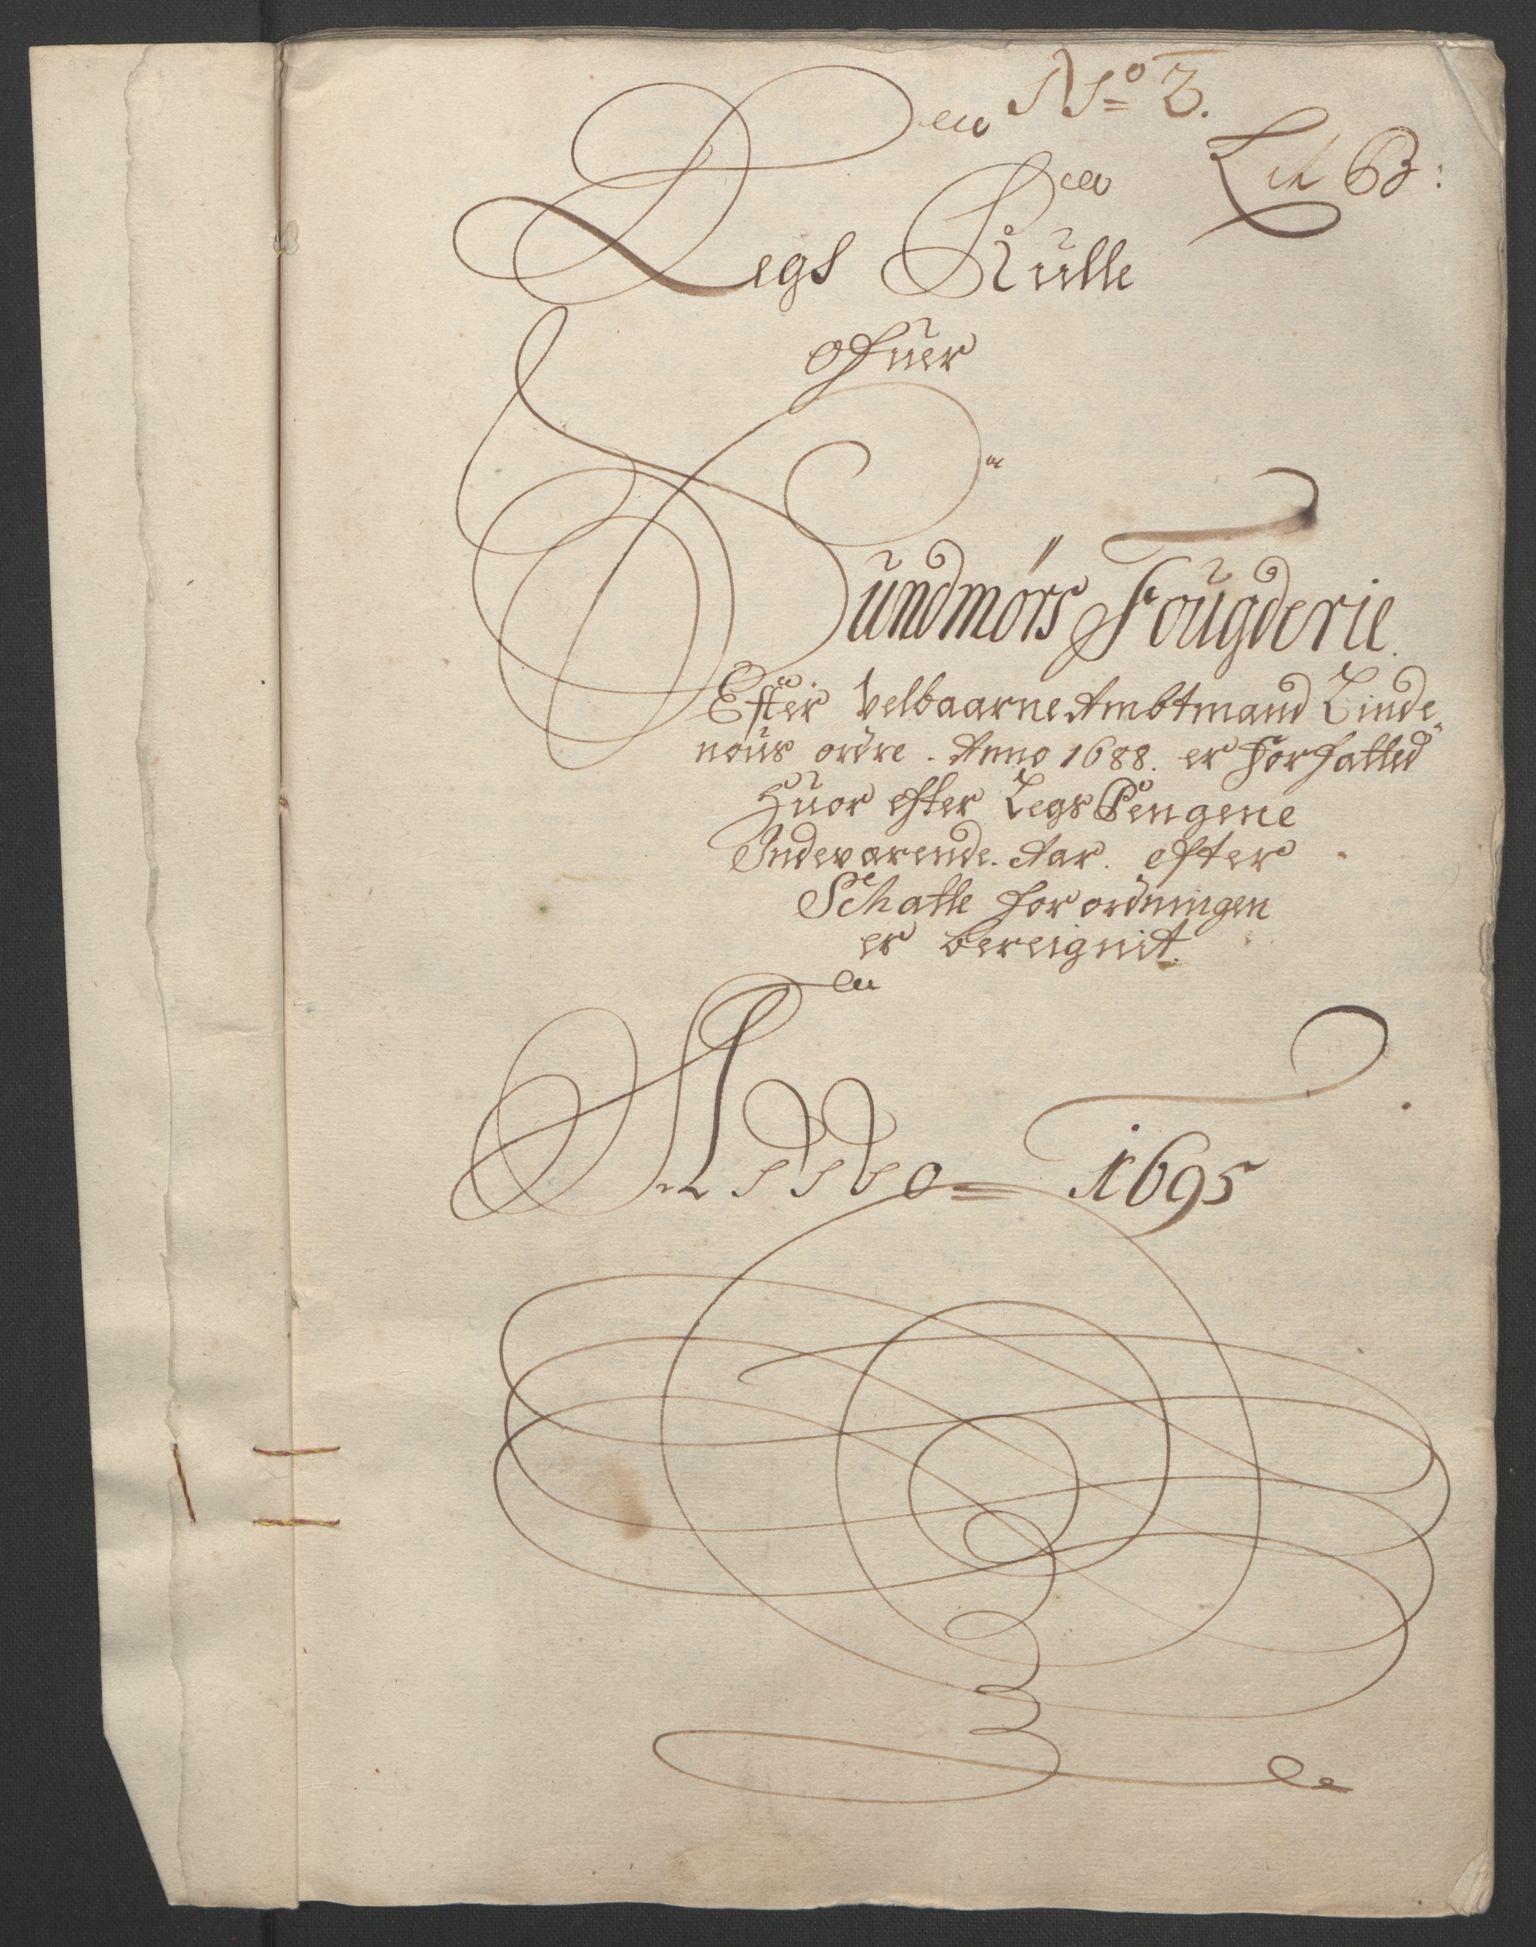 RA, Rentekammeret inntil 1814, Reviderte regnskaper, Fogderegnskap, R54/L3555: Fogderegnskap Sunnmøre, 1694-1695, s. 209